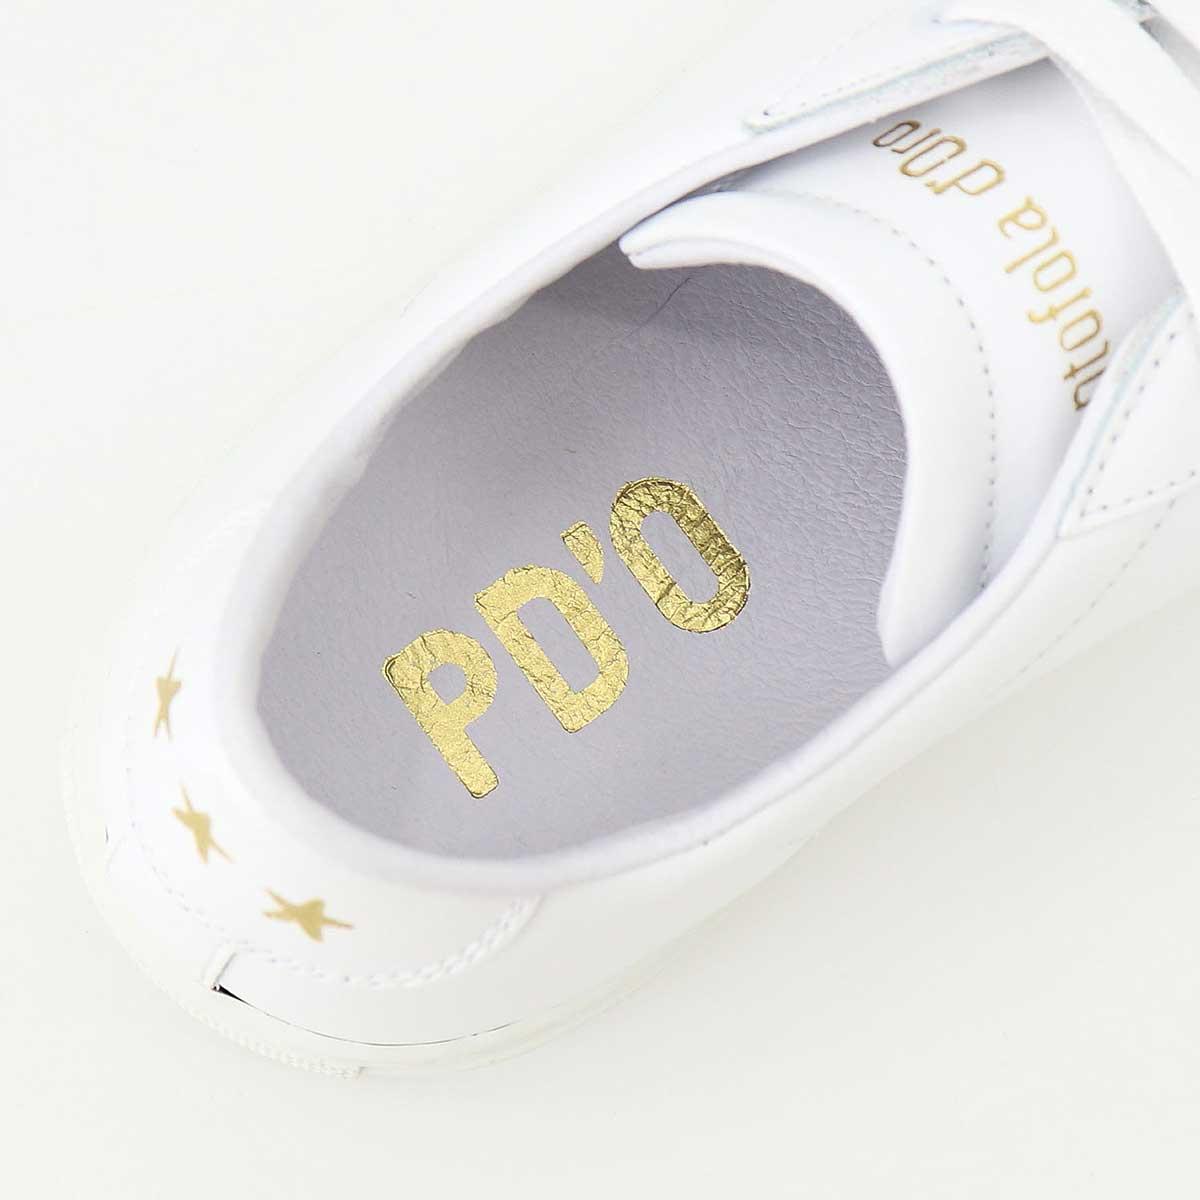 パントフォラドーロ Pantofola d'Oro メンズ レザー ローカットスニーカー THREE STAR PDO TSL20 WHT(ホワイト)